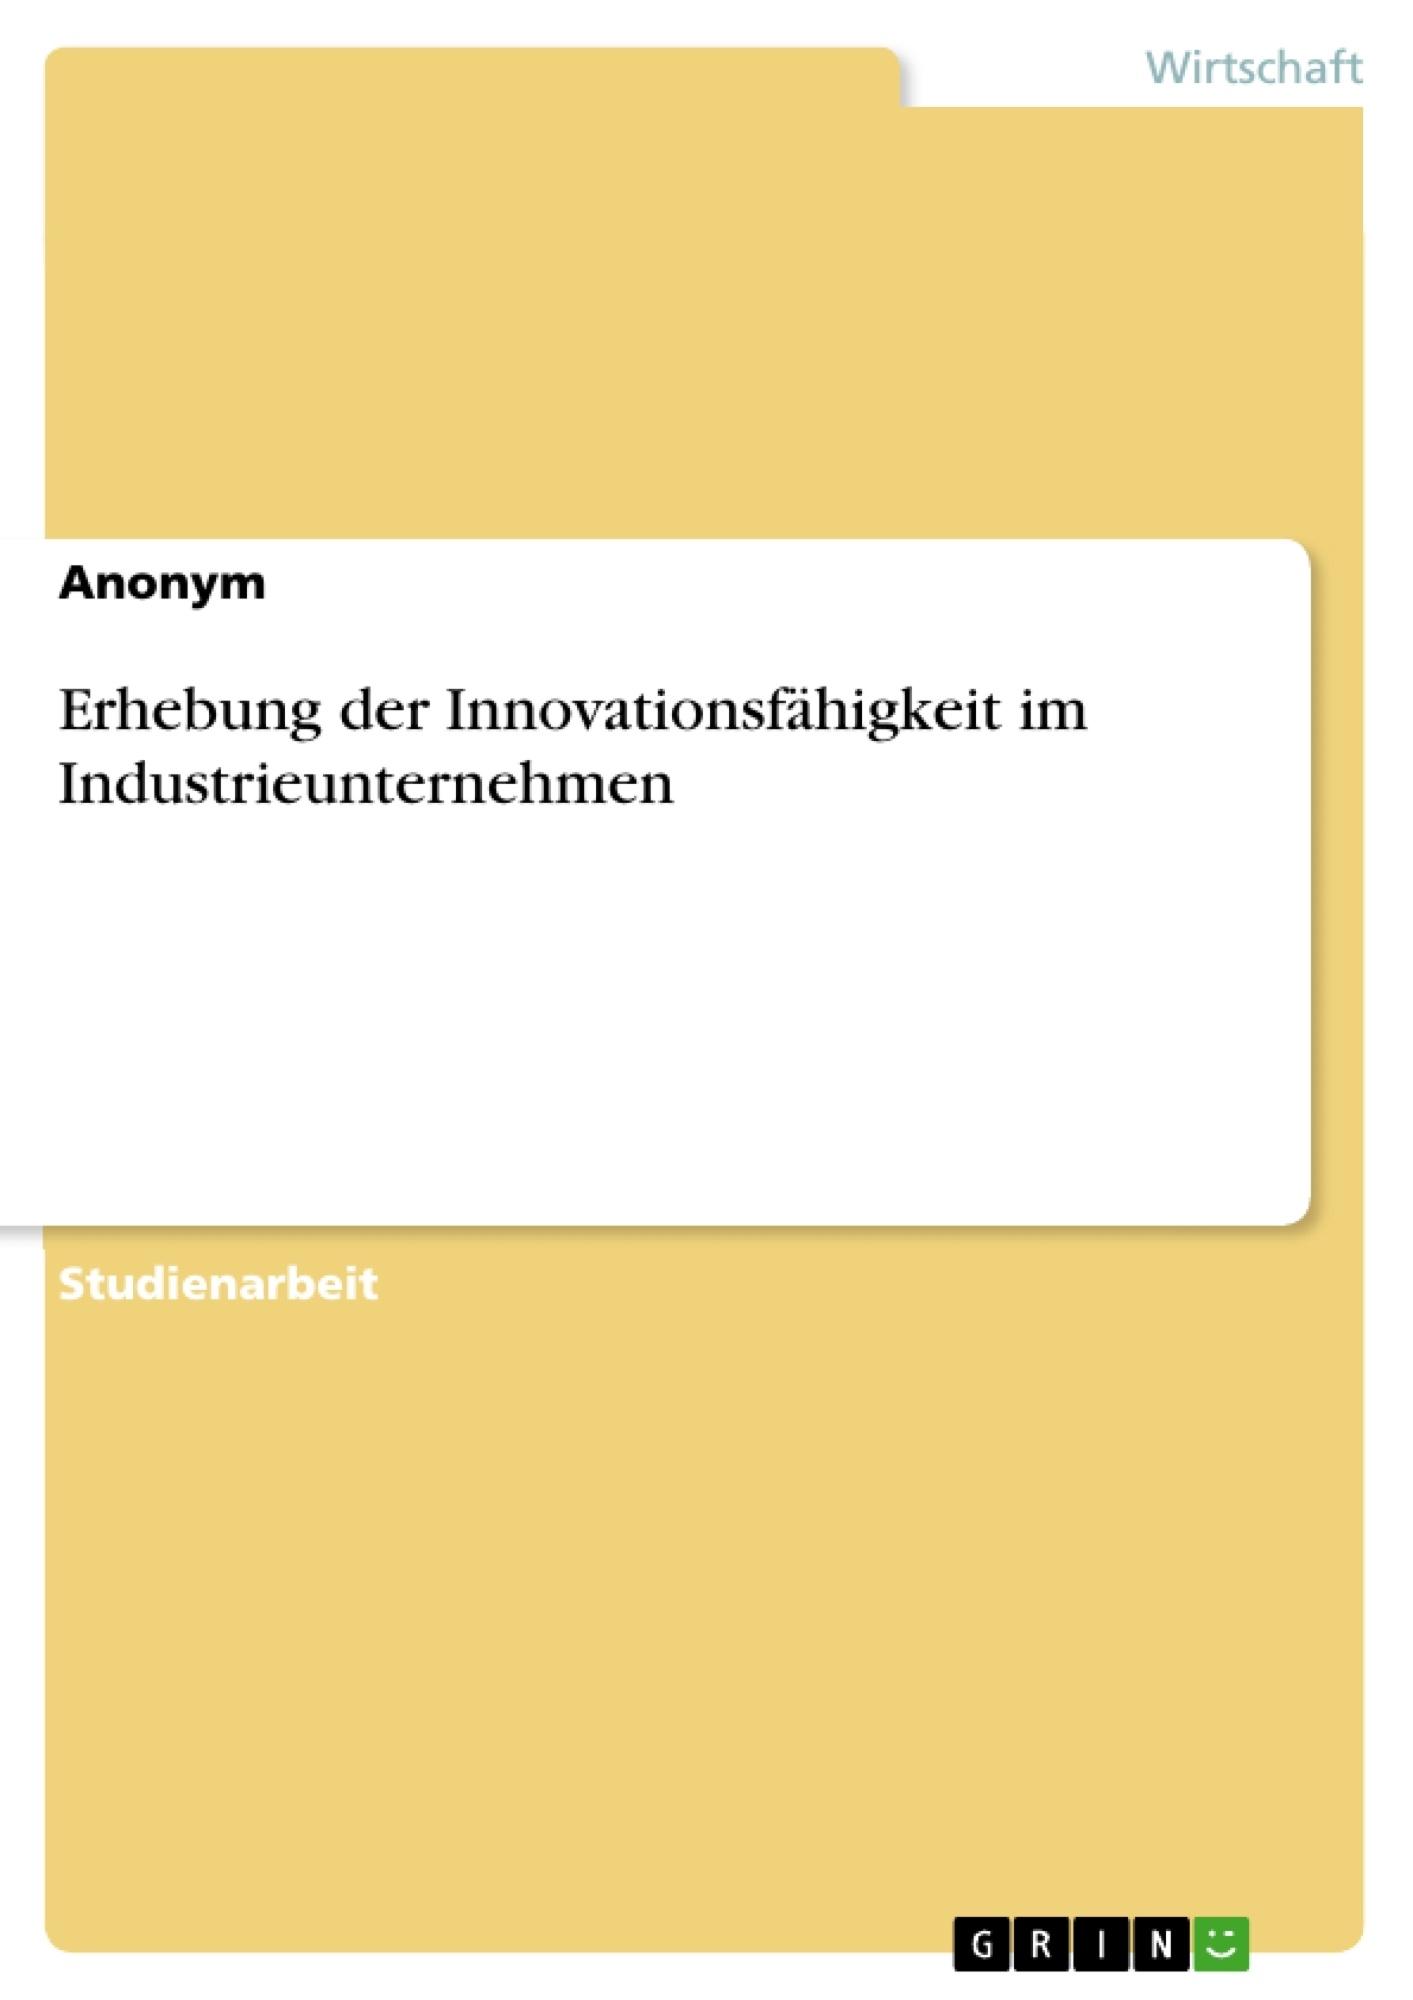 Titel: Erhebung der Innovationsfähigkeit im Industrieunternehmen